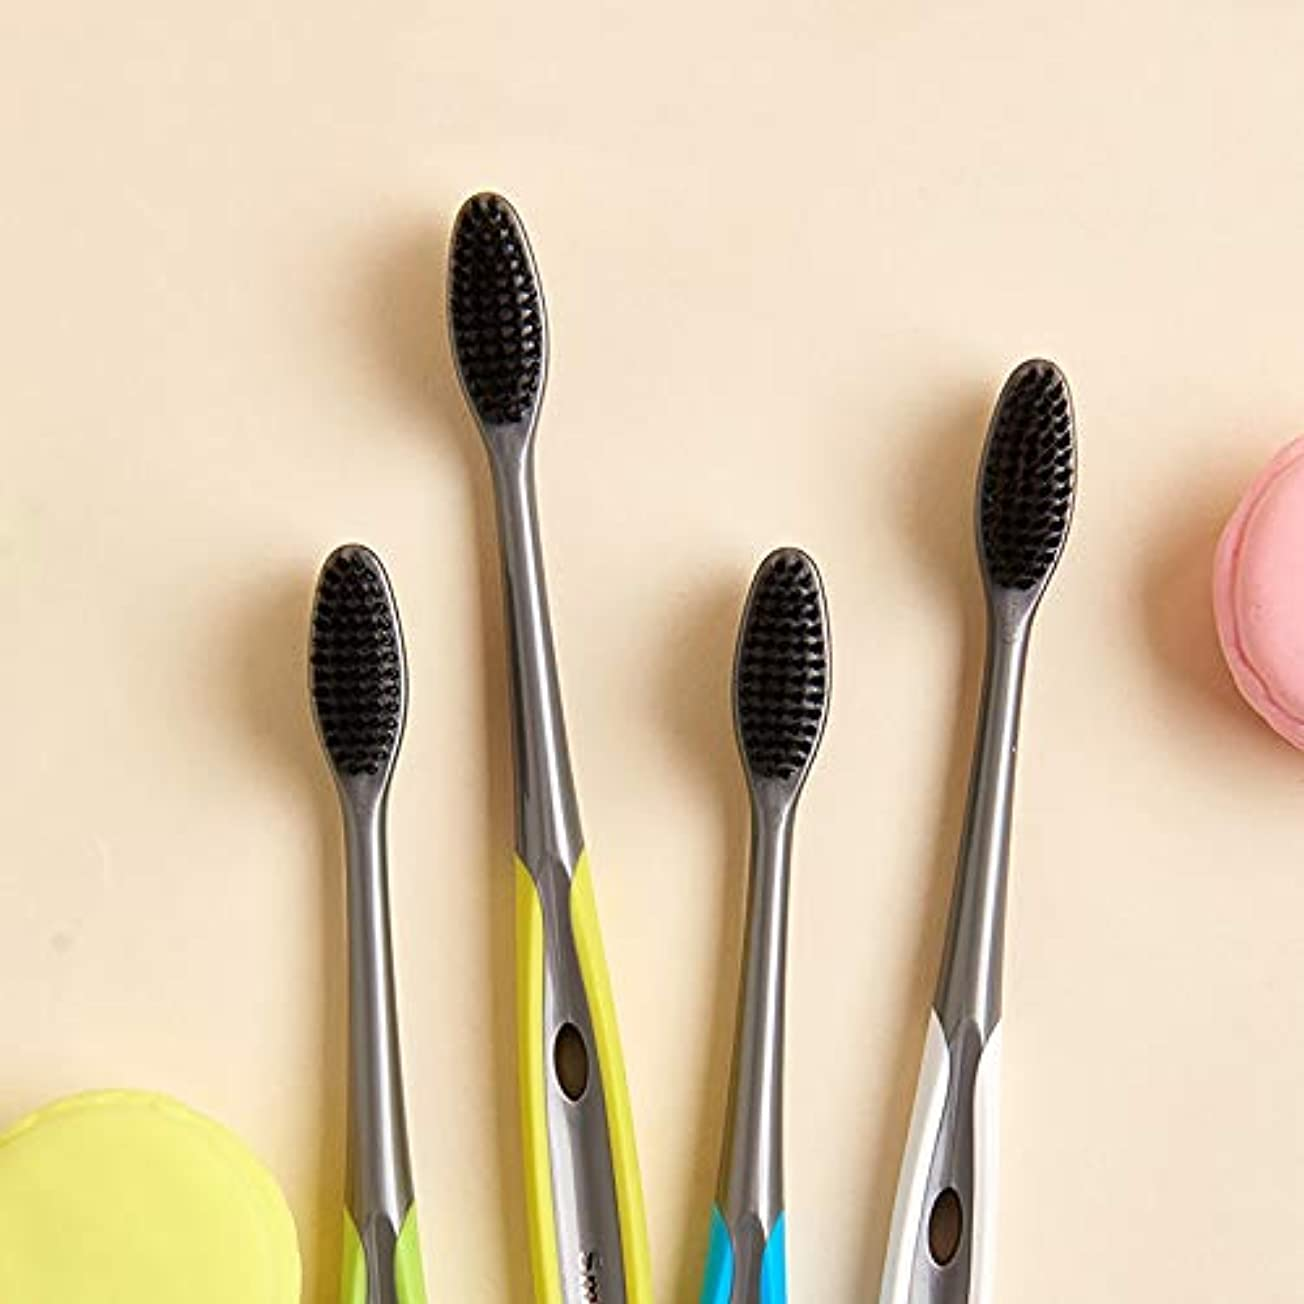 素晴らしきあいにく超音速歯ブラシ 竹炭歯ブラシ、口腔衛生歯ブラシ、バルク歯ブラシ - 10パック KHL (サイズ : 10 packs)